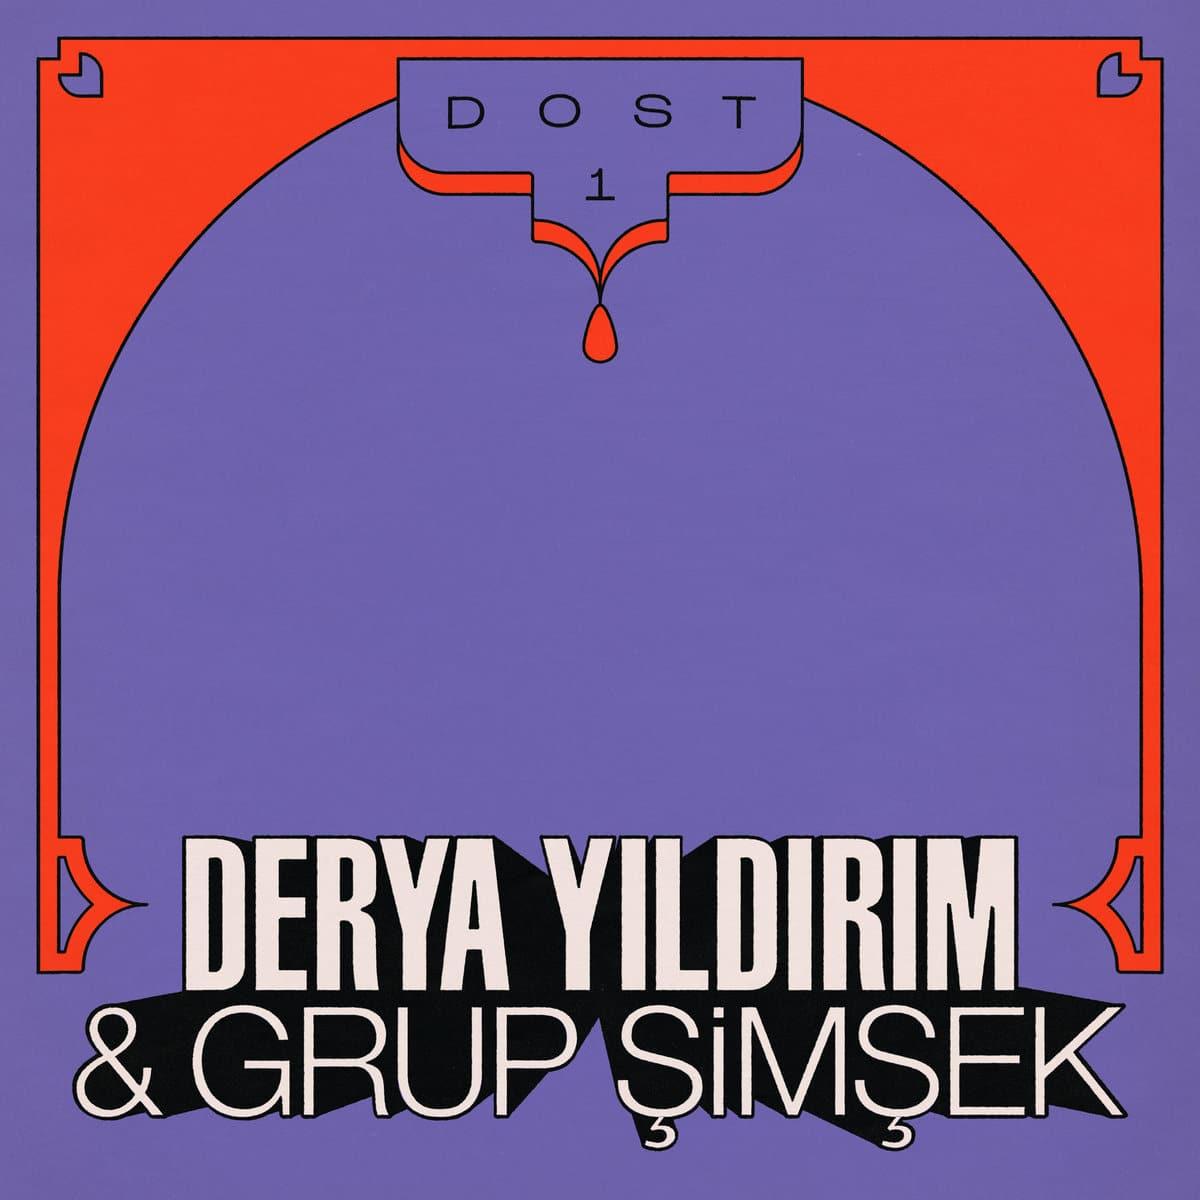 Derya Yildirim & Grup Simsek